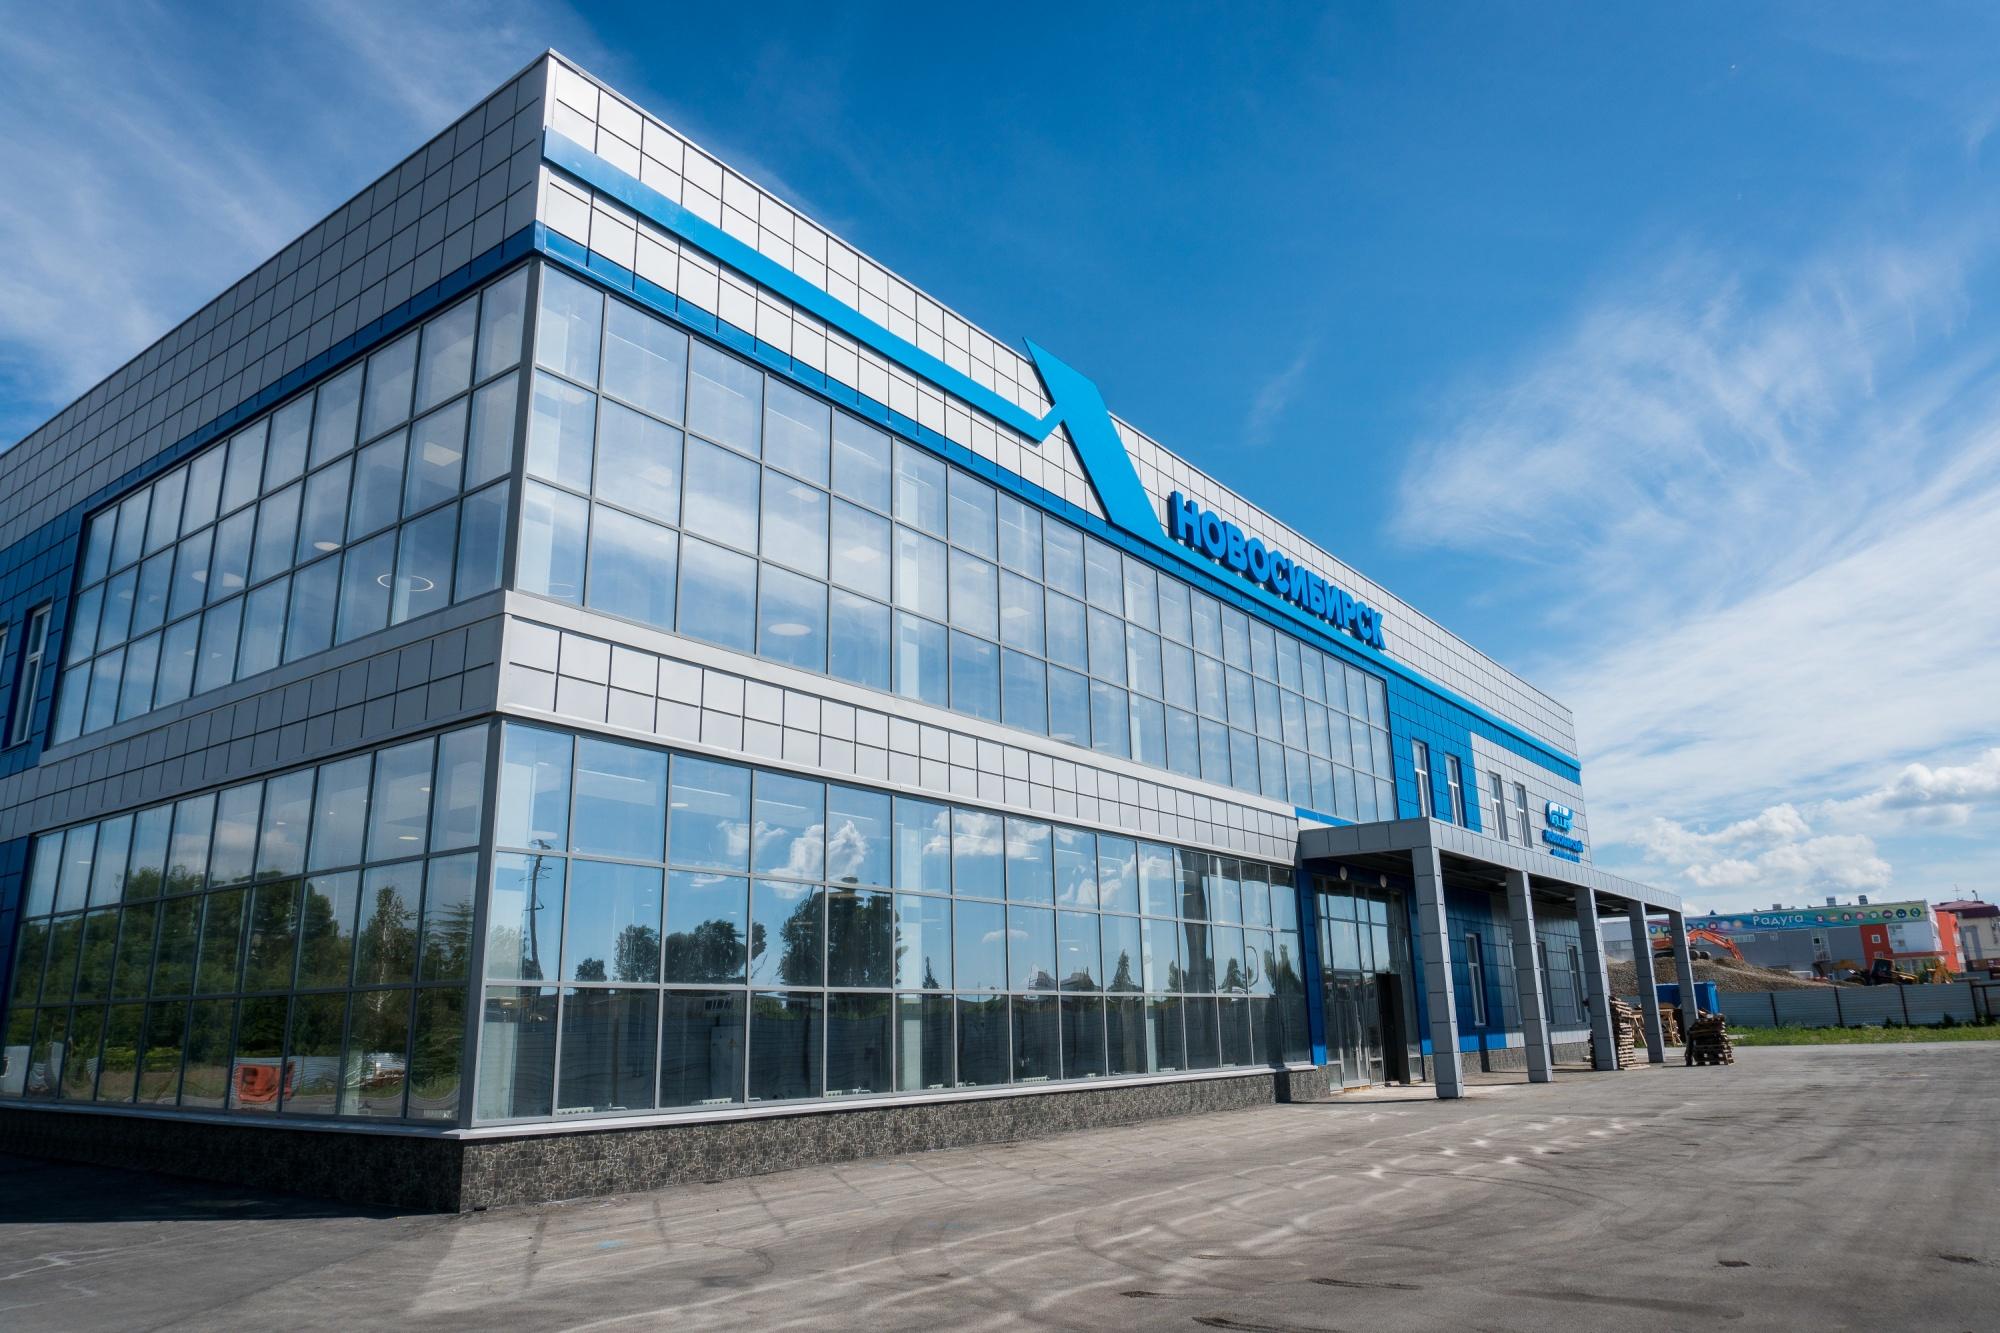 Станция «Гусинка»: на ГБШ достроили новый автовокзал — НГС первым побывал в здании